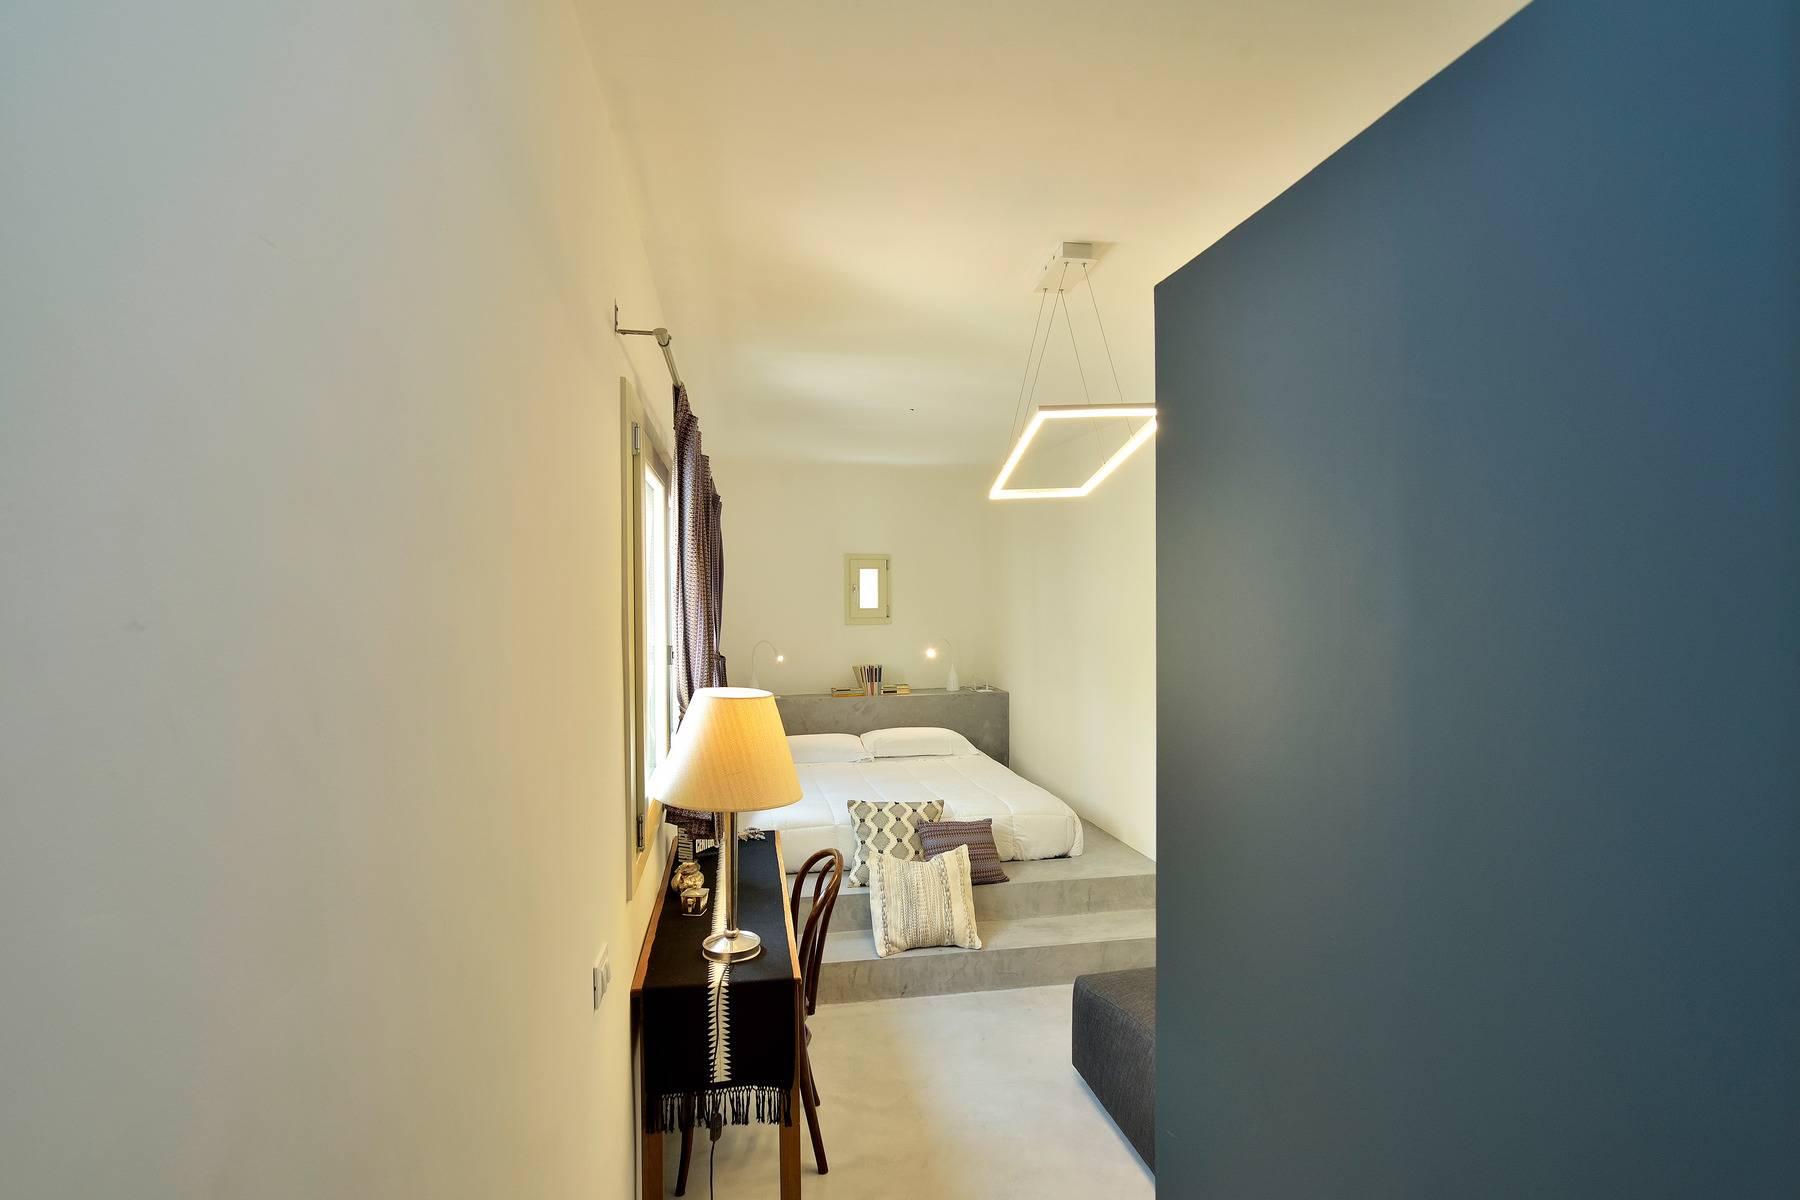 Casa indipendente in Vendita a Modica: 5 locali, 185 mq - Foto 15